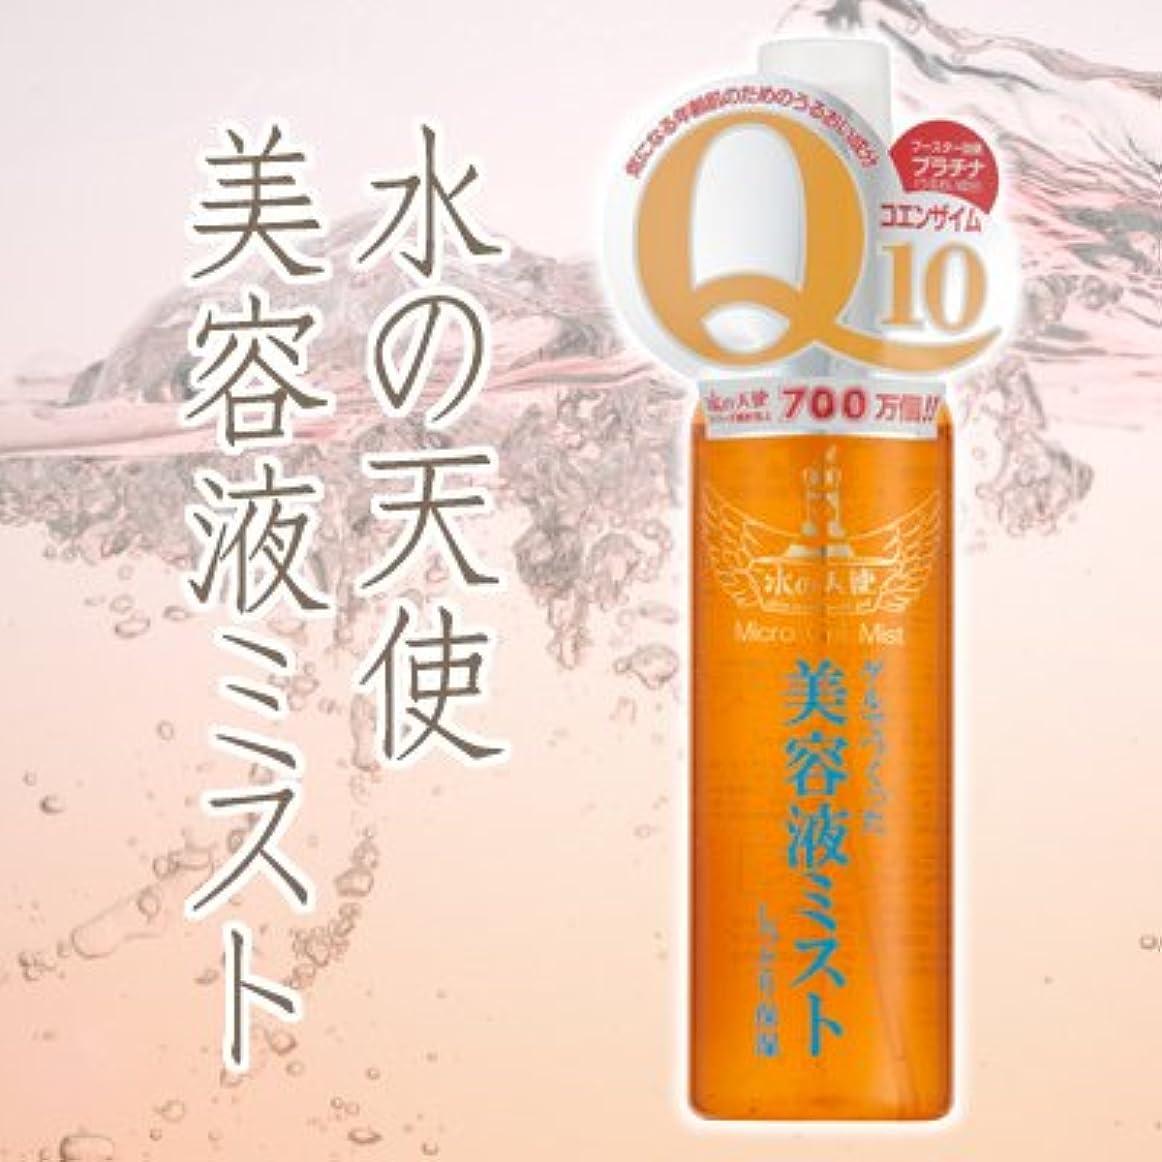 直接対立うがい薬水の天使美容液ミスト 120ml ※あの「水の天使」シリーズから美容液ミストが新登場!